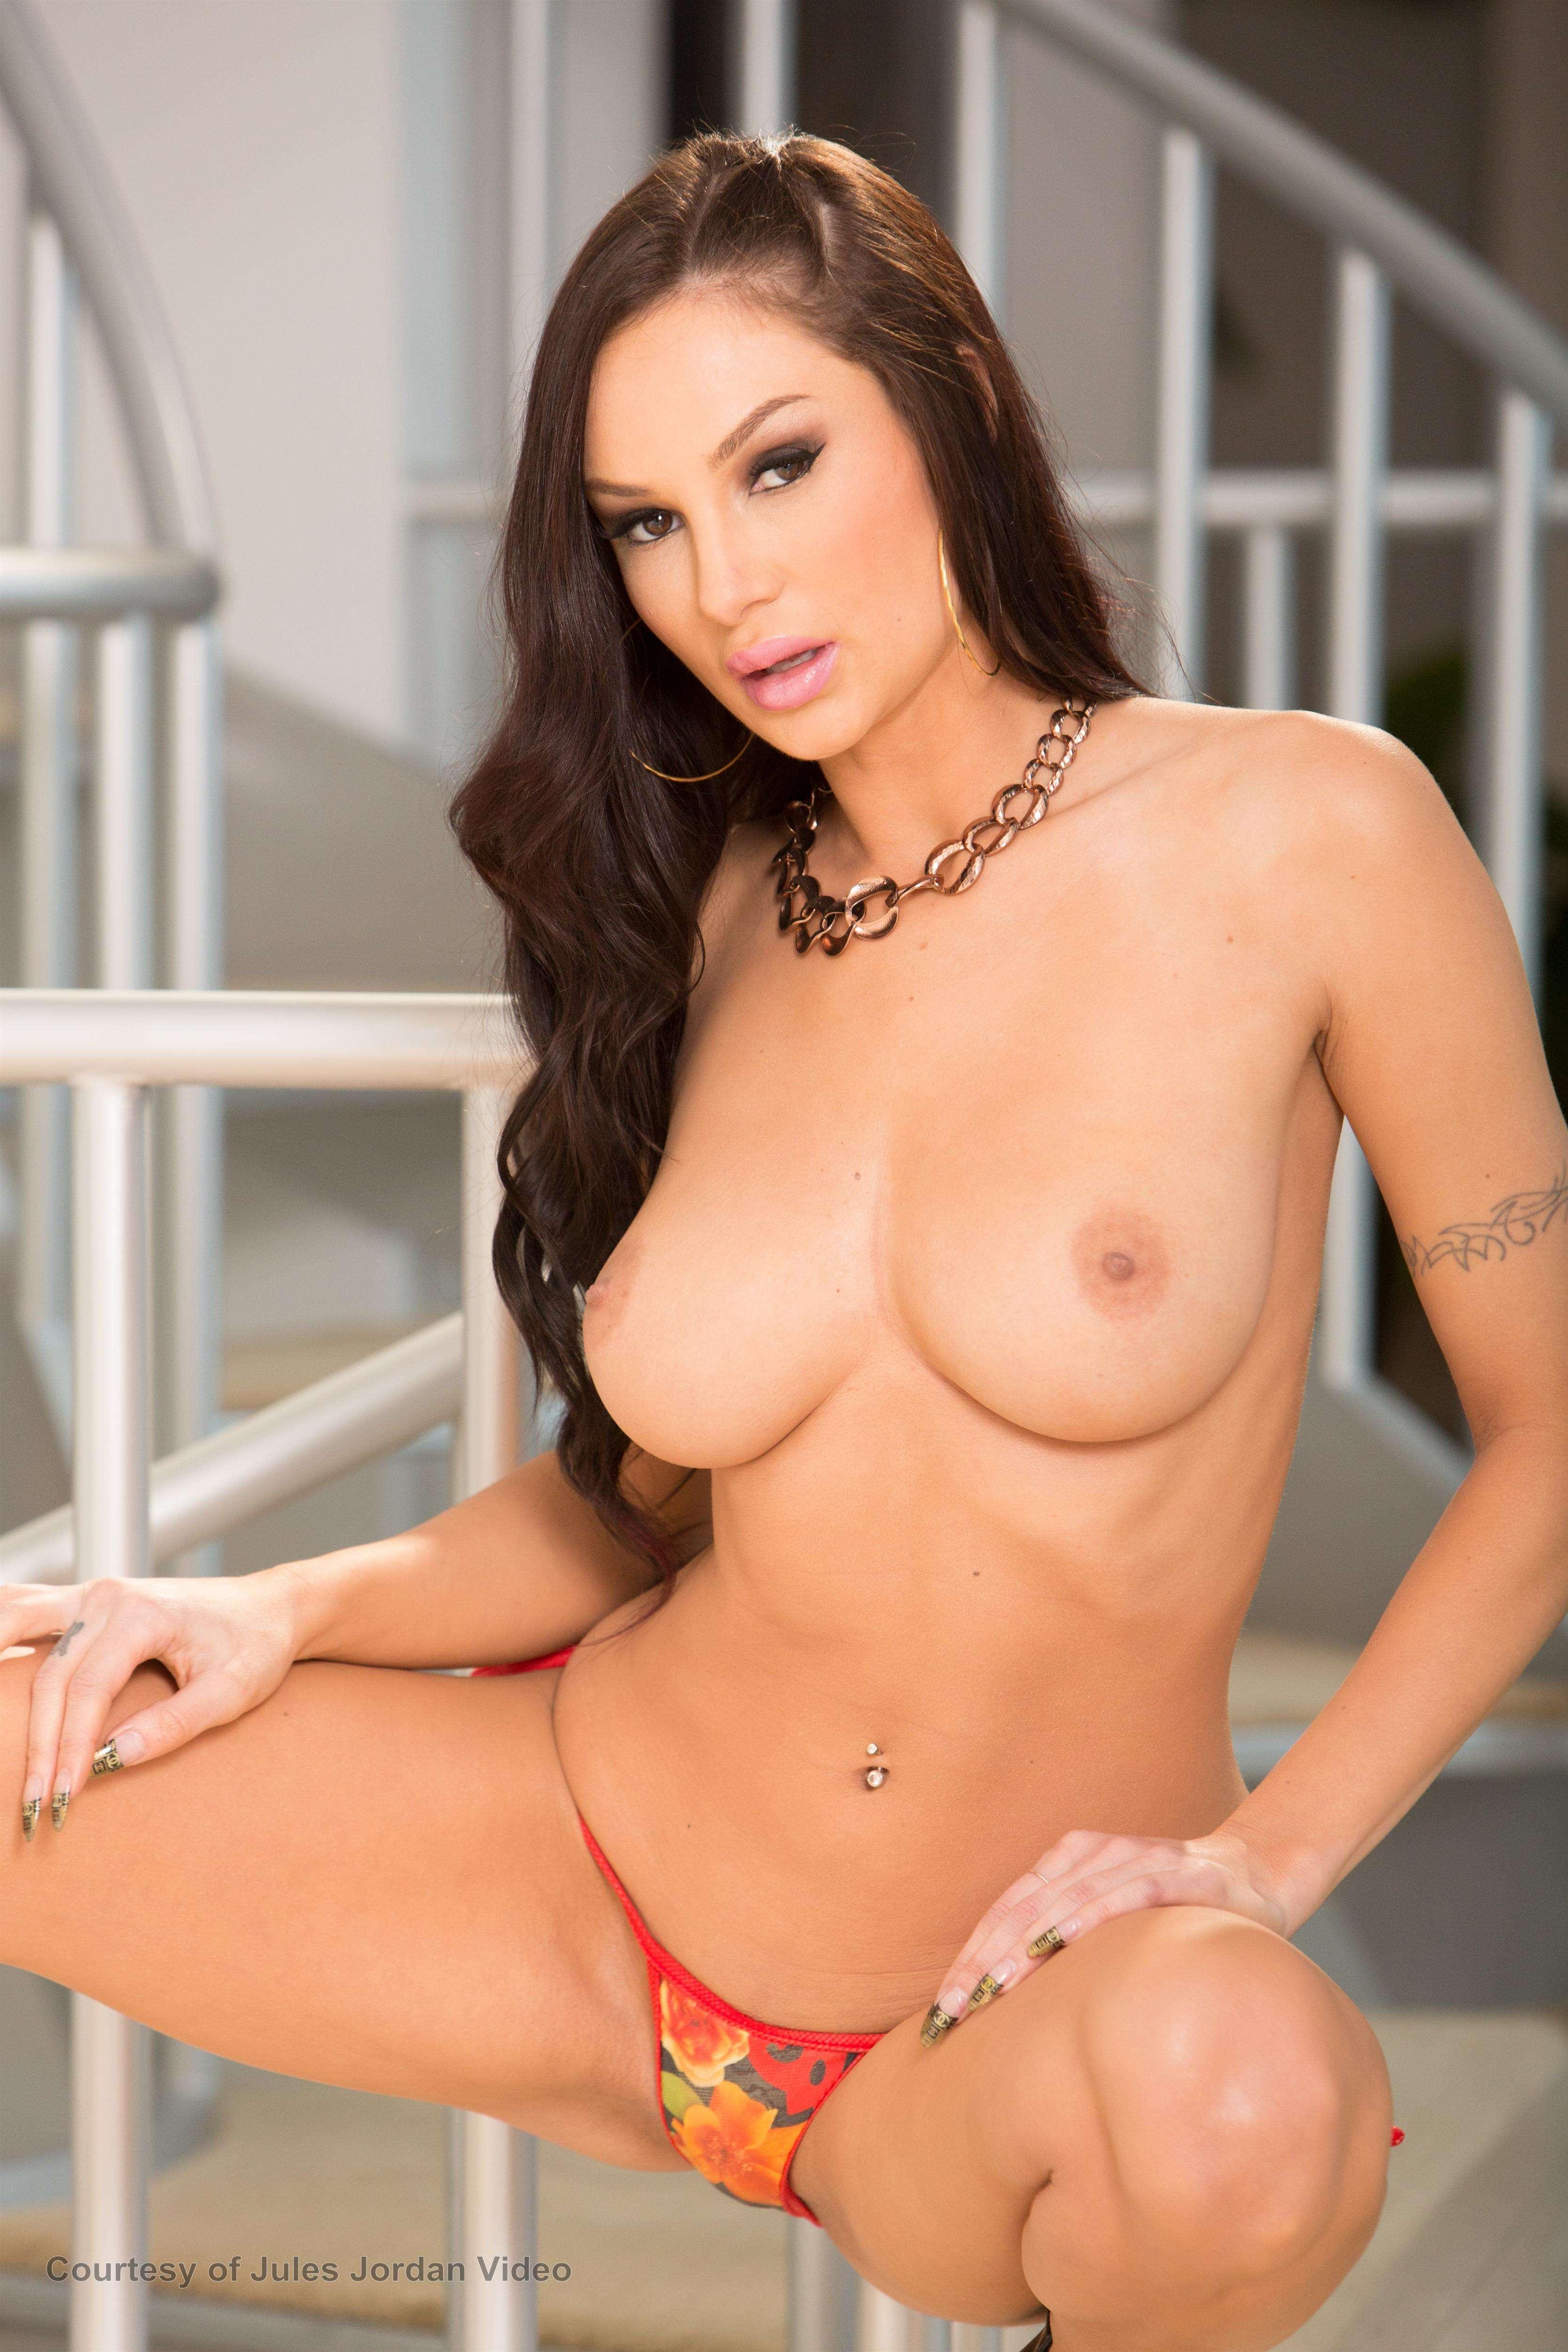 nude Amy gallery reid